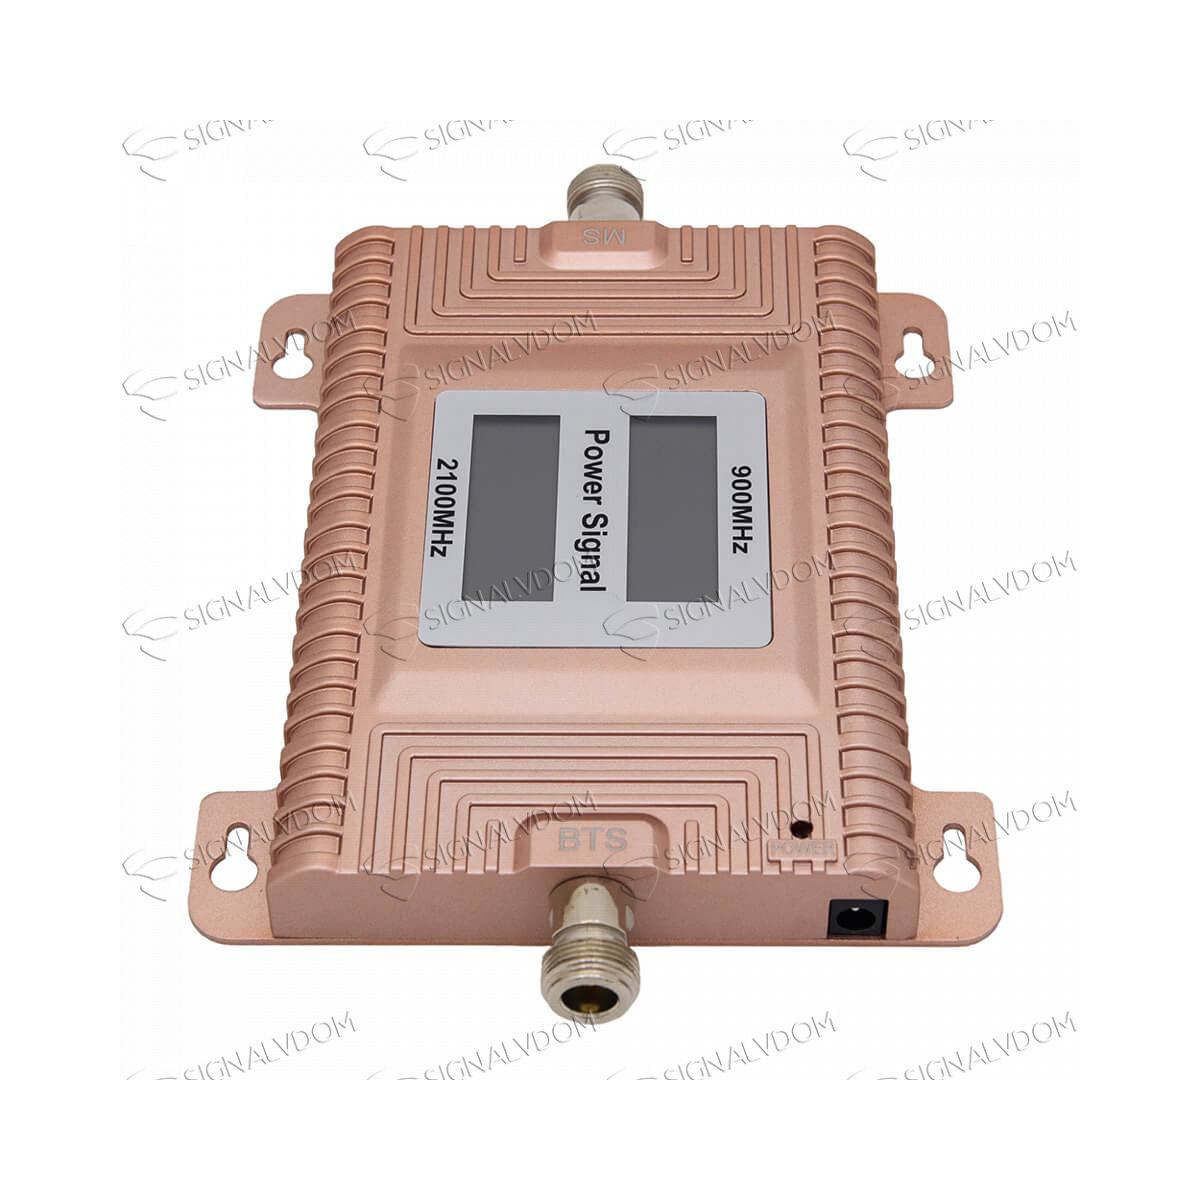 Усилитель сигнала связи Power Signal Standard 900/2100 MHz (для 2G, 3G) 70 dBi, кабель 15 м., комплект - 5